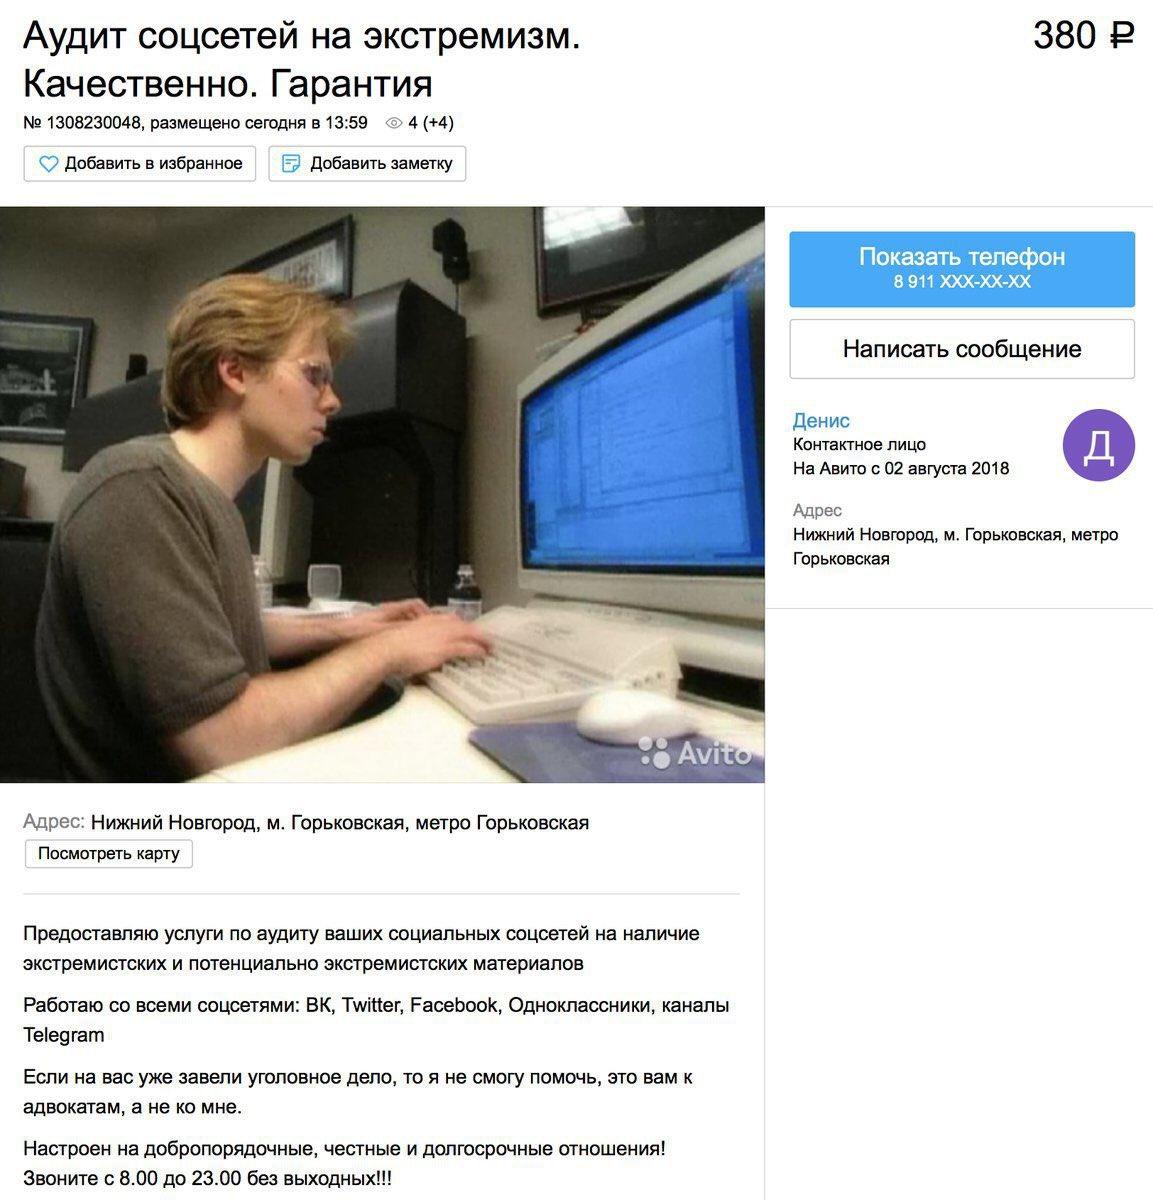 Остання мережа західних готелів покинула окупований Крим, - Reuters - Цензор.НЕТ 5616